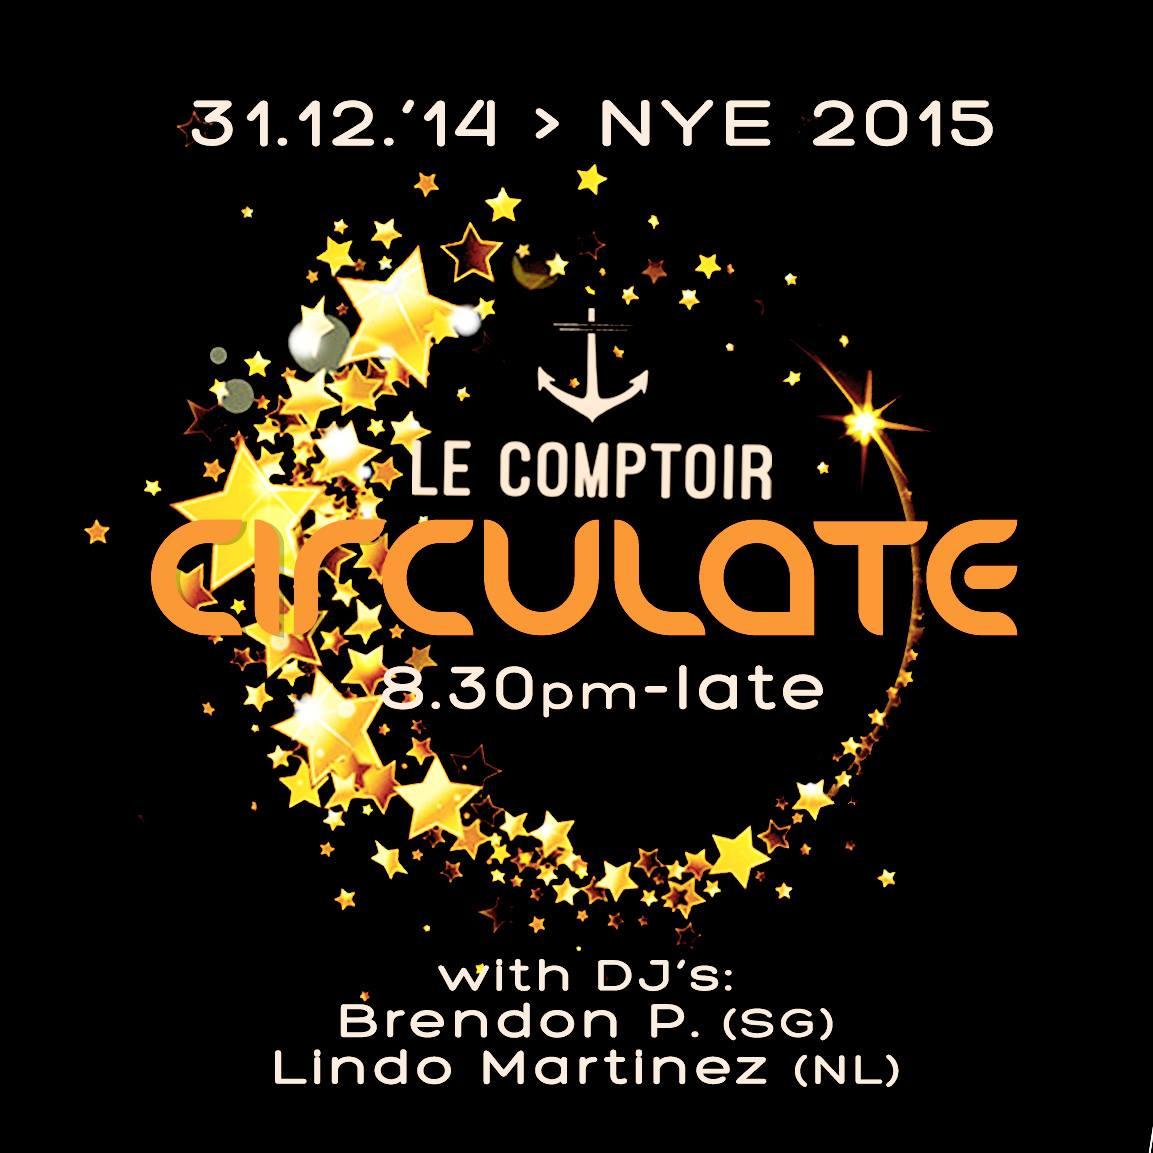 CIRCULATE NYE 2015